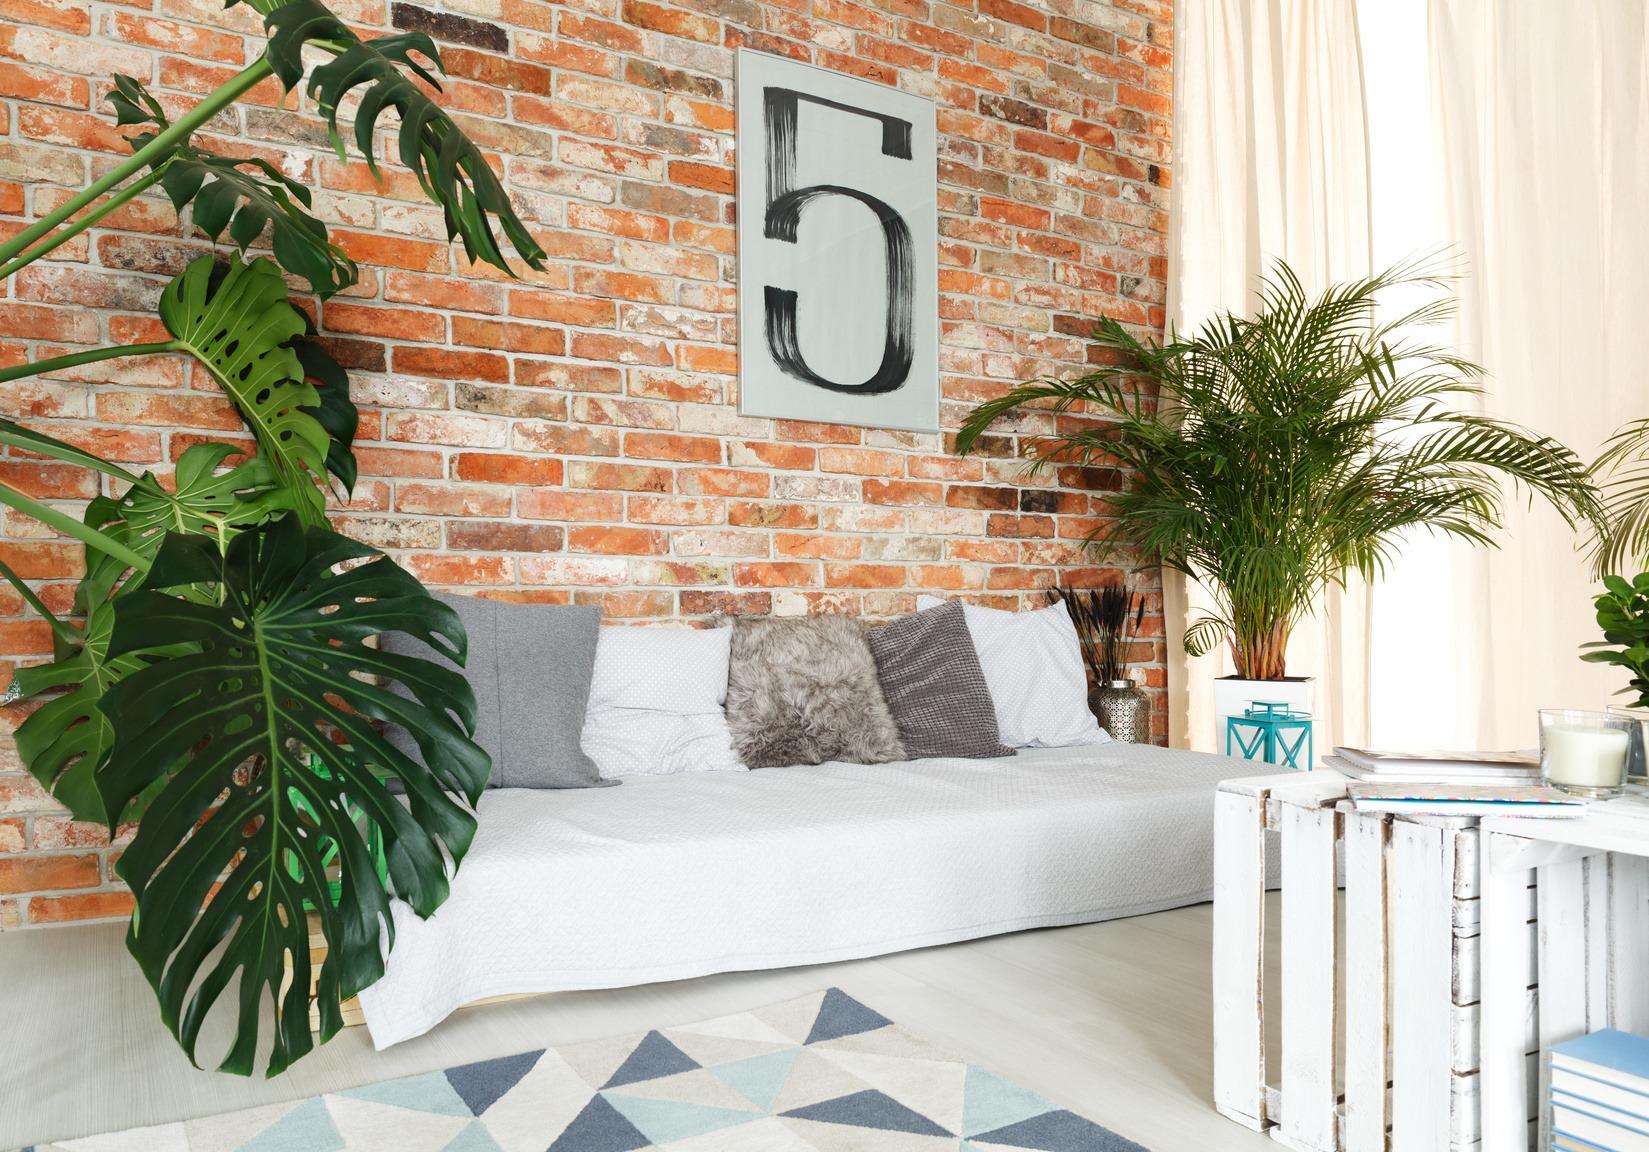 Wohnzimmer in einer stylischen Studenten-WG mit Blick auf ein Selbstgebautes Sofa vor einer Backsteinwand.